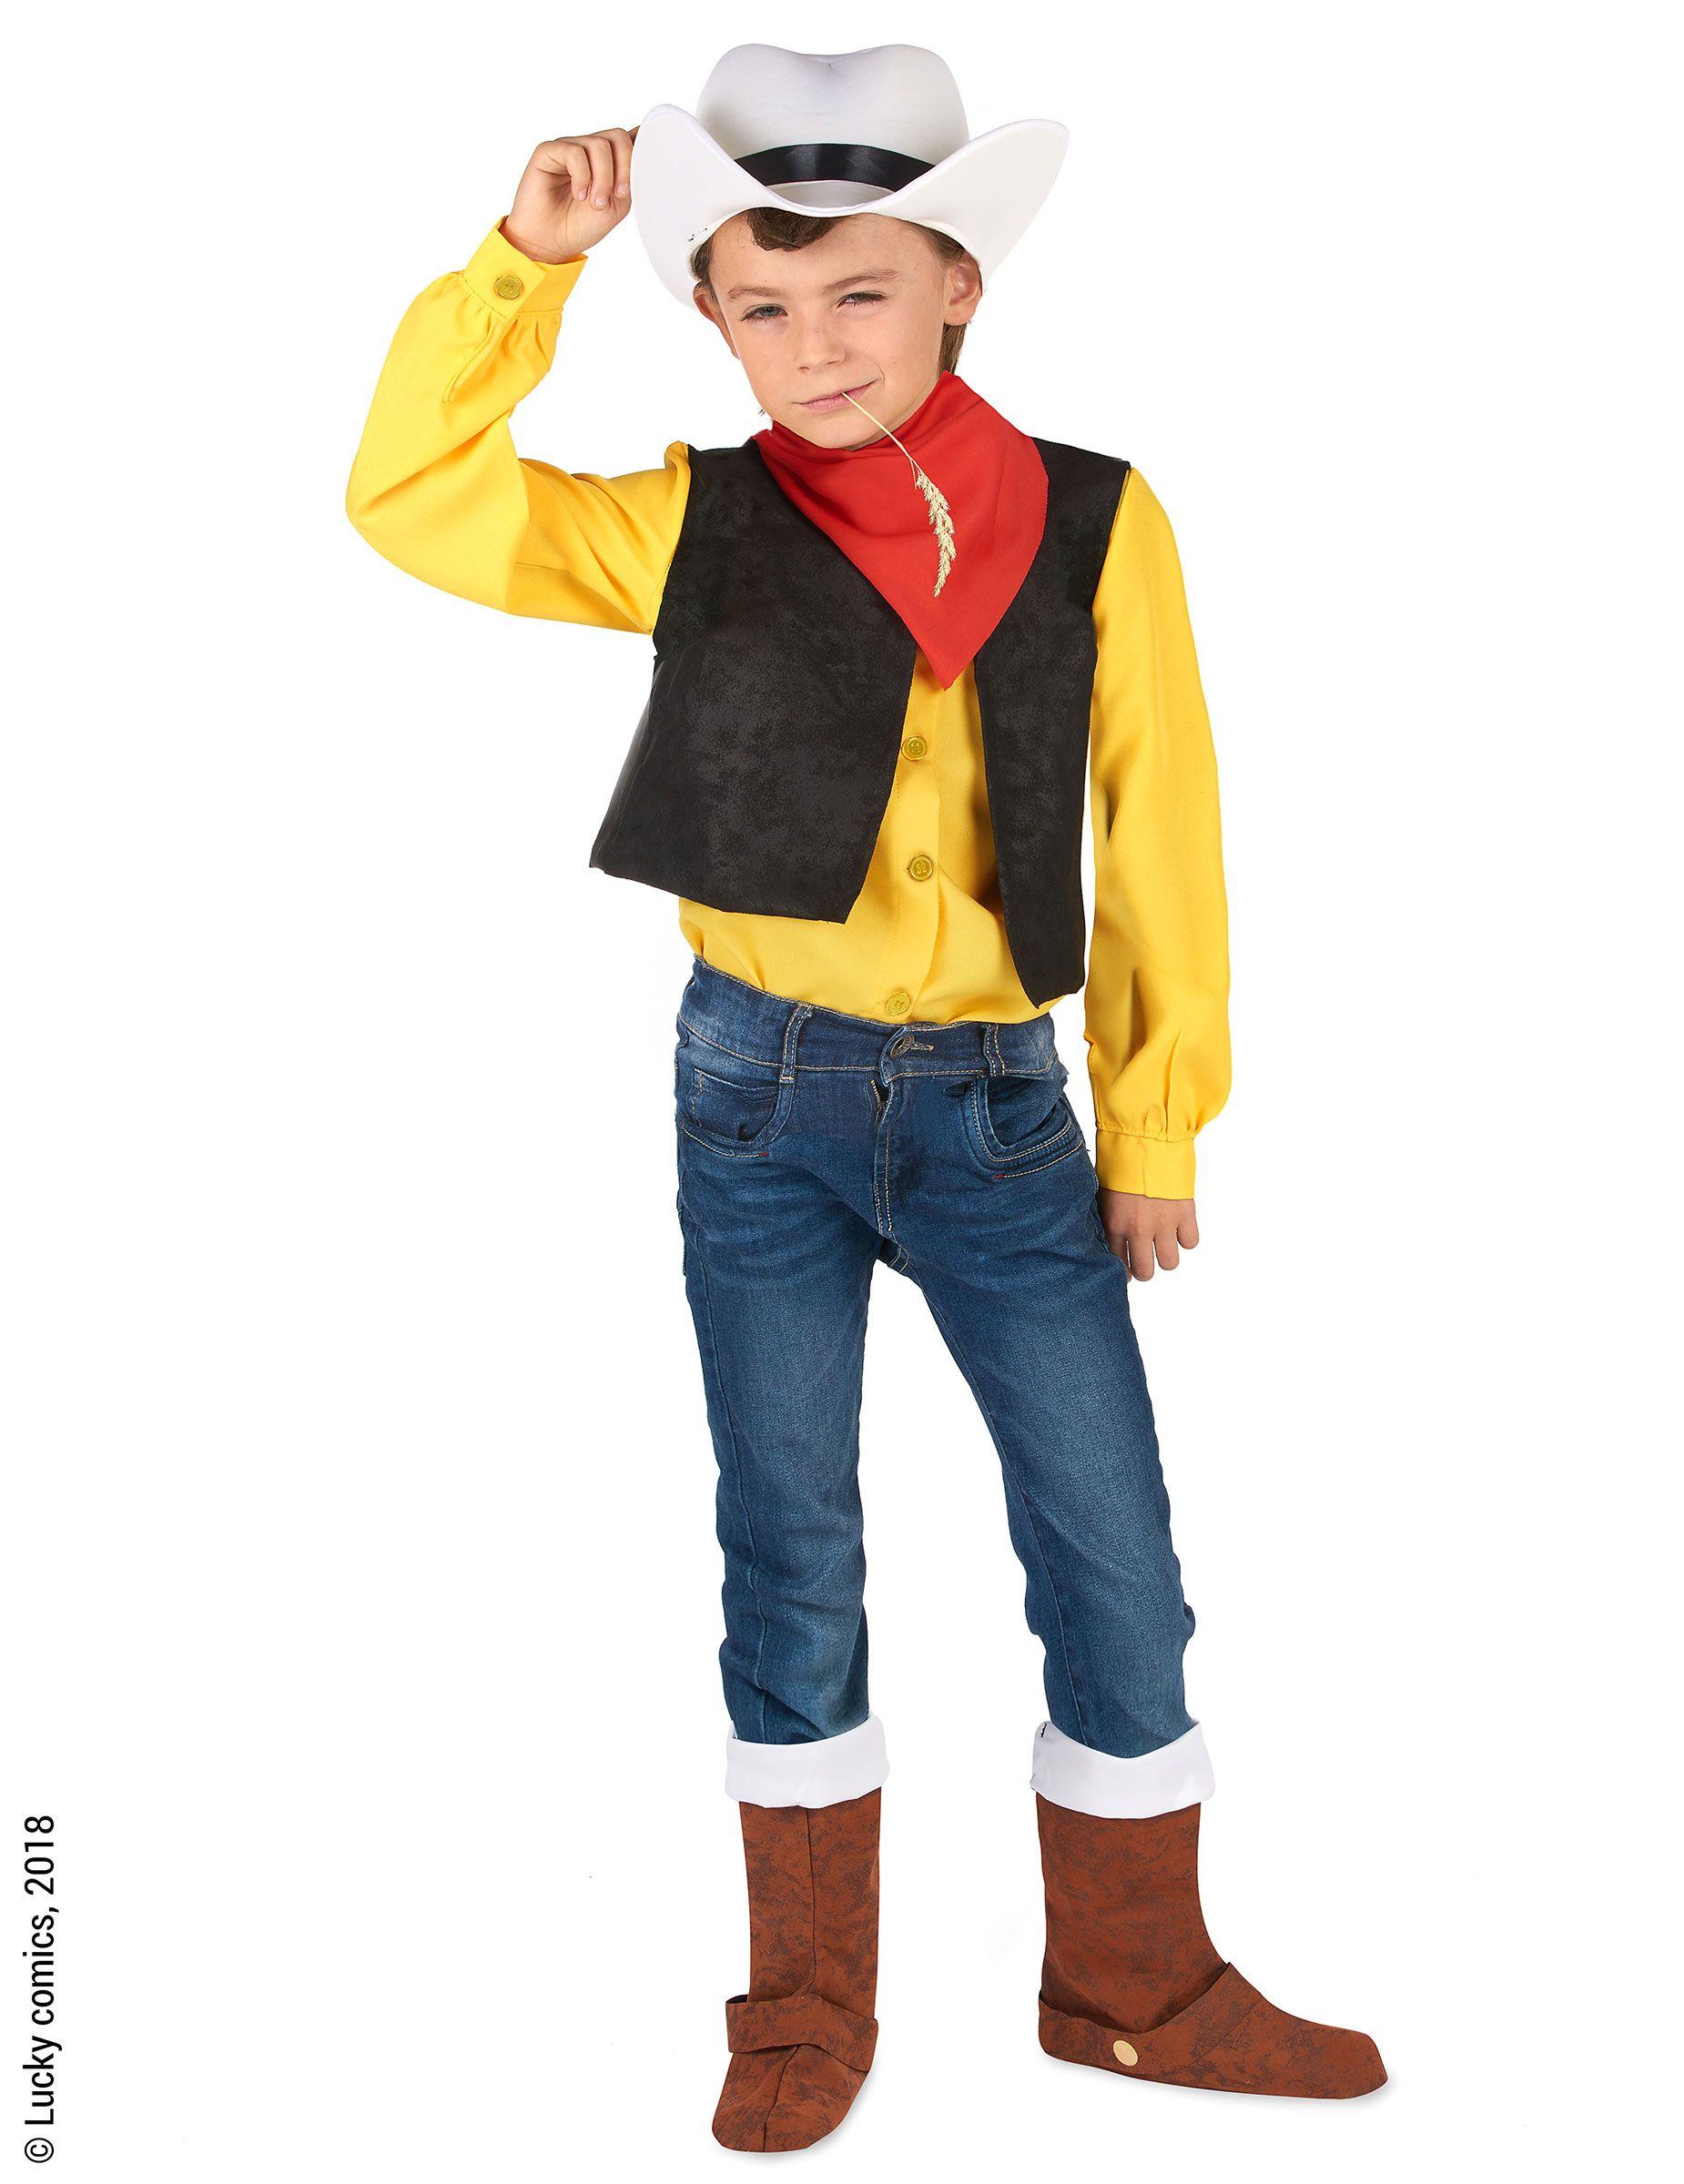 Disfraz Lucky Luke™ niño  Este disfraz de Lucky Luke para niño tiene  licencia oficial. Incluye un sombrero 4e1558f1f8c